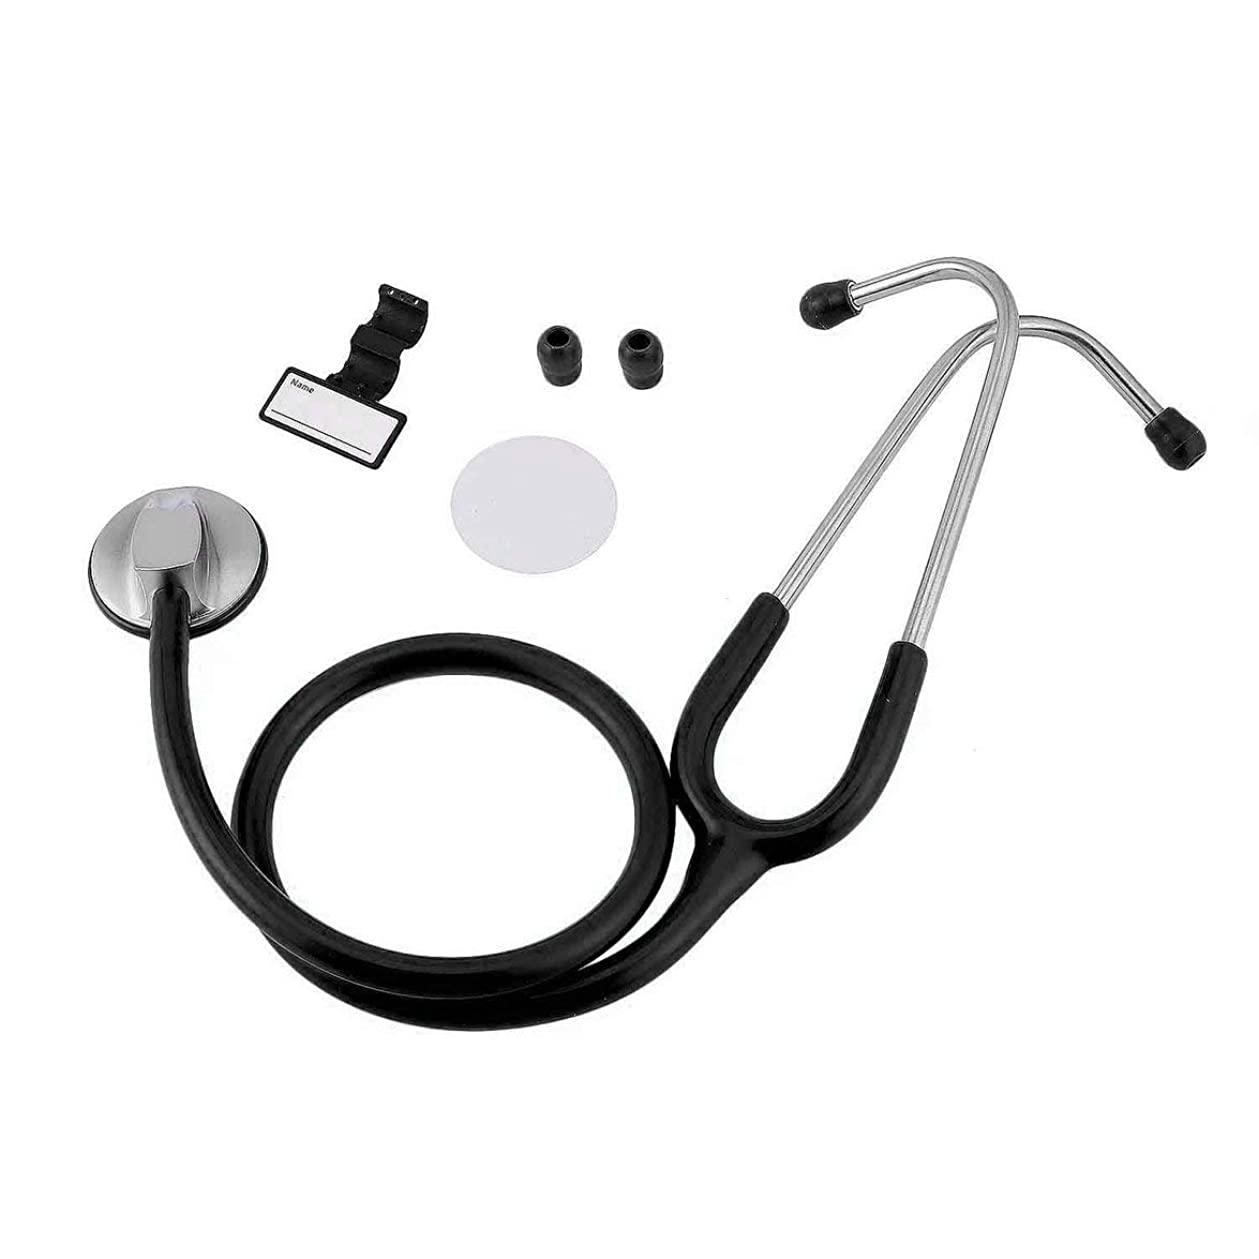 日の出扱うインストラクターintercorey聴診器ポータブルフラットヘッド聴診器医療聴診器用具救助妊娠赤ちゃん聴診器医師医療ヘルスケア